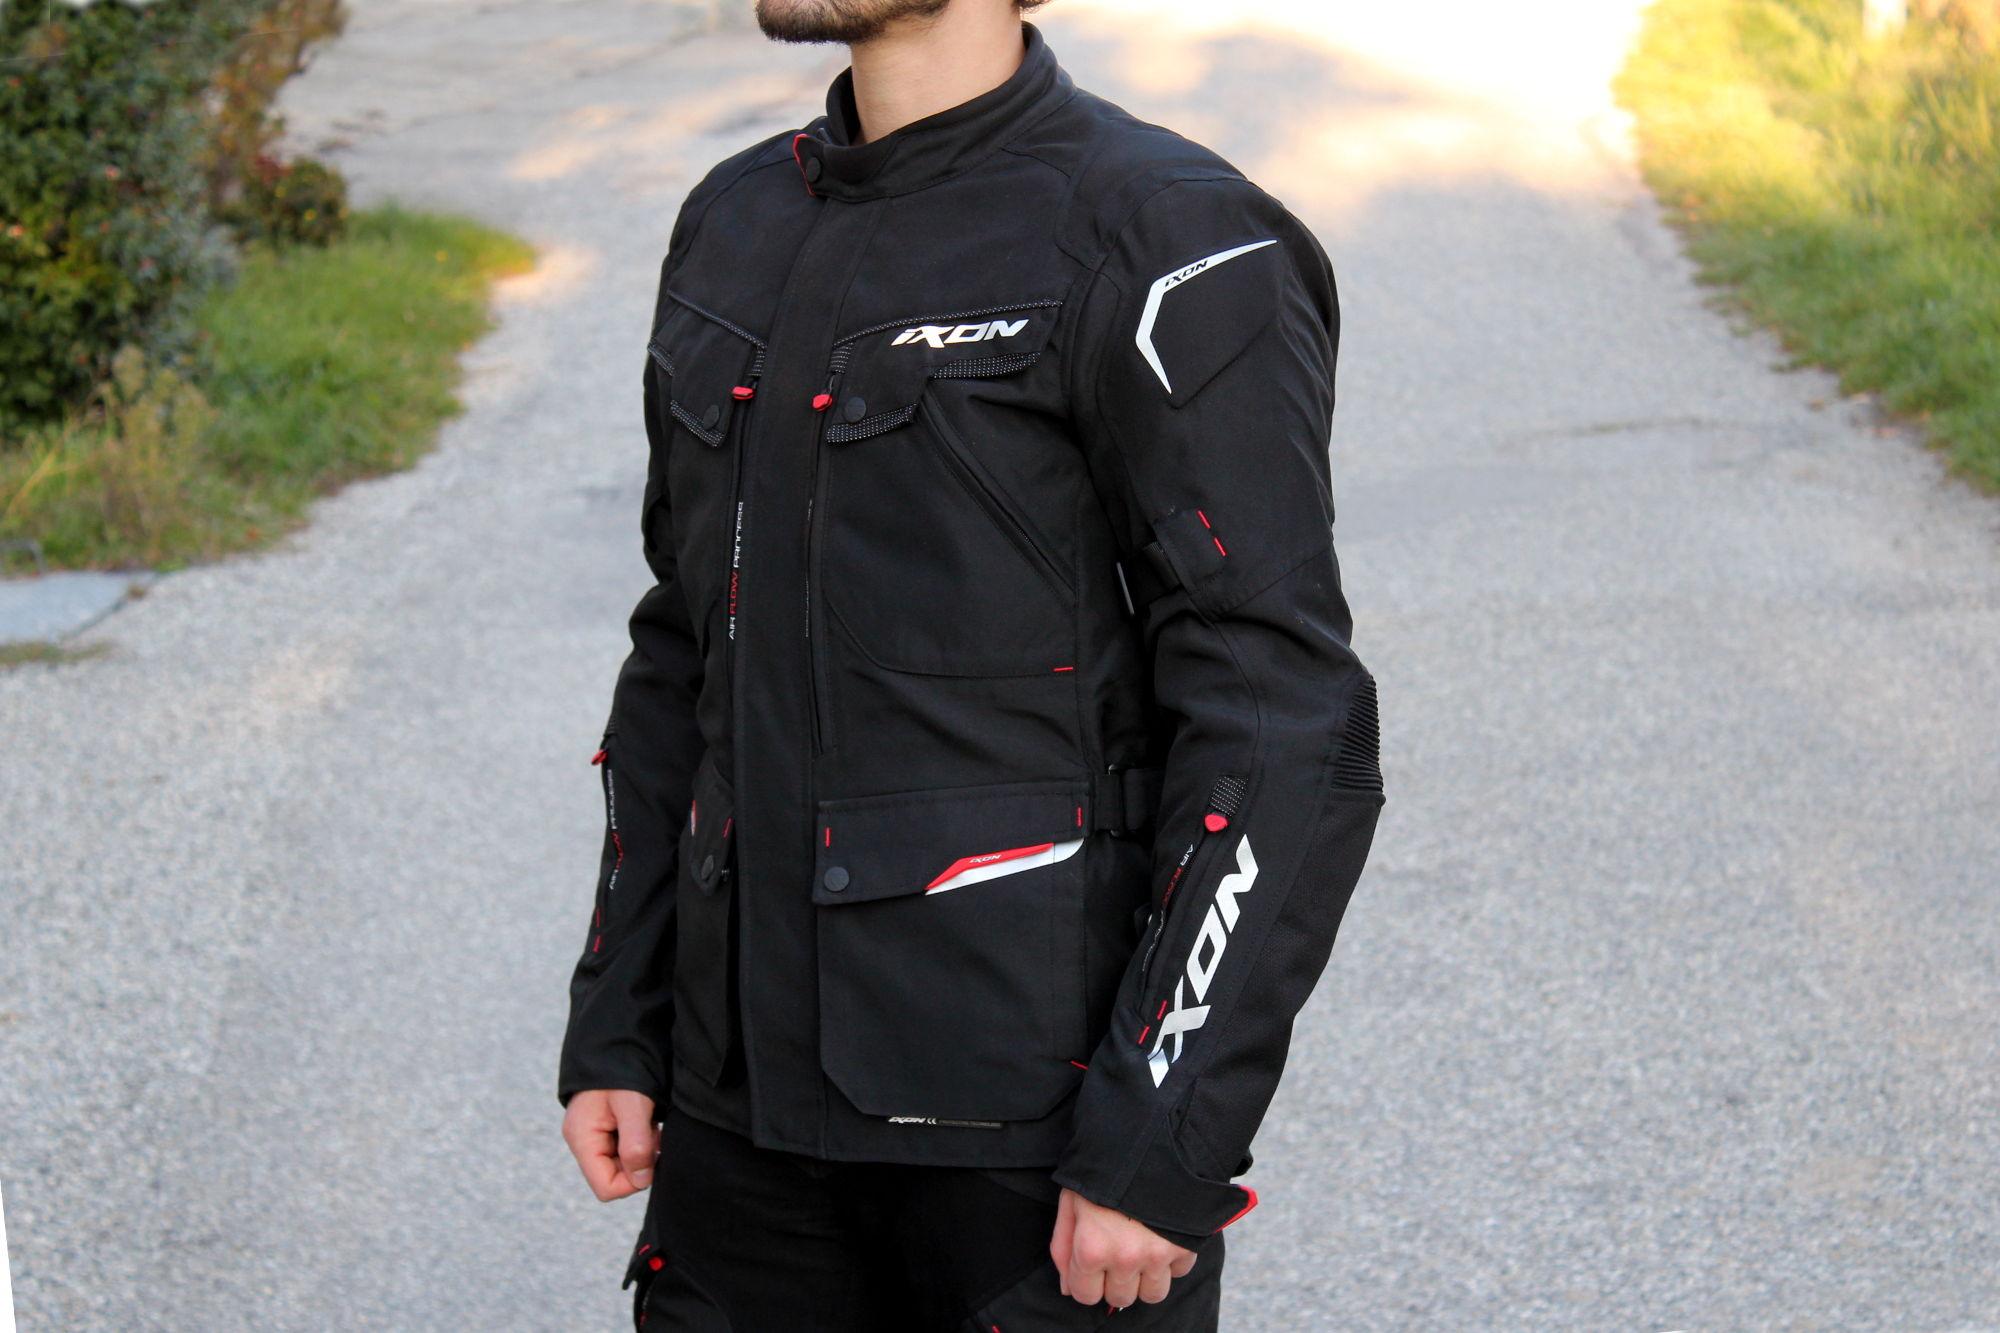 La chaqueta Ixon Crosstour HP tiene un aspecto elegante y bien acabado, sea cual sea el color elegido